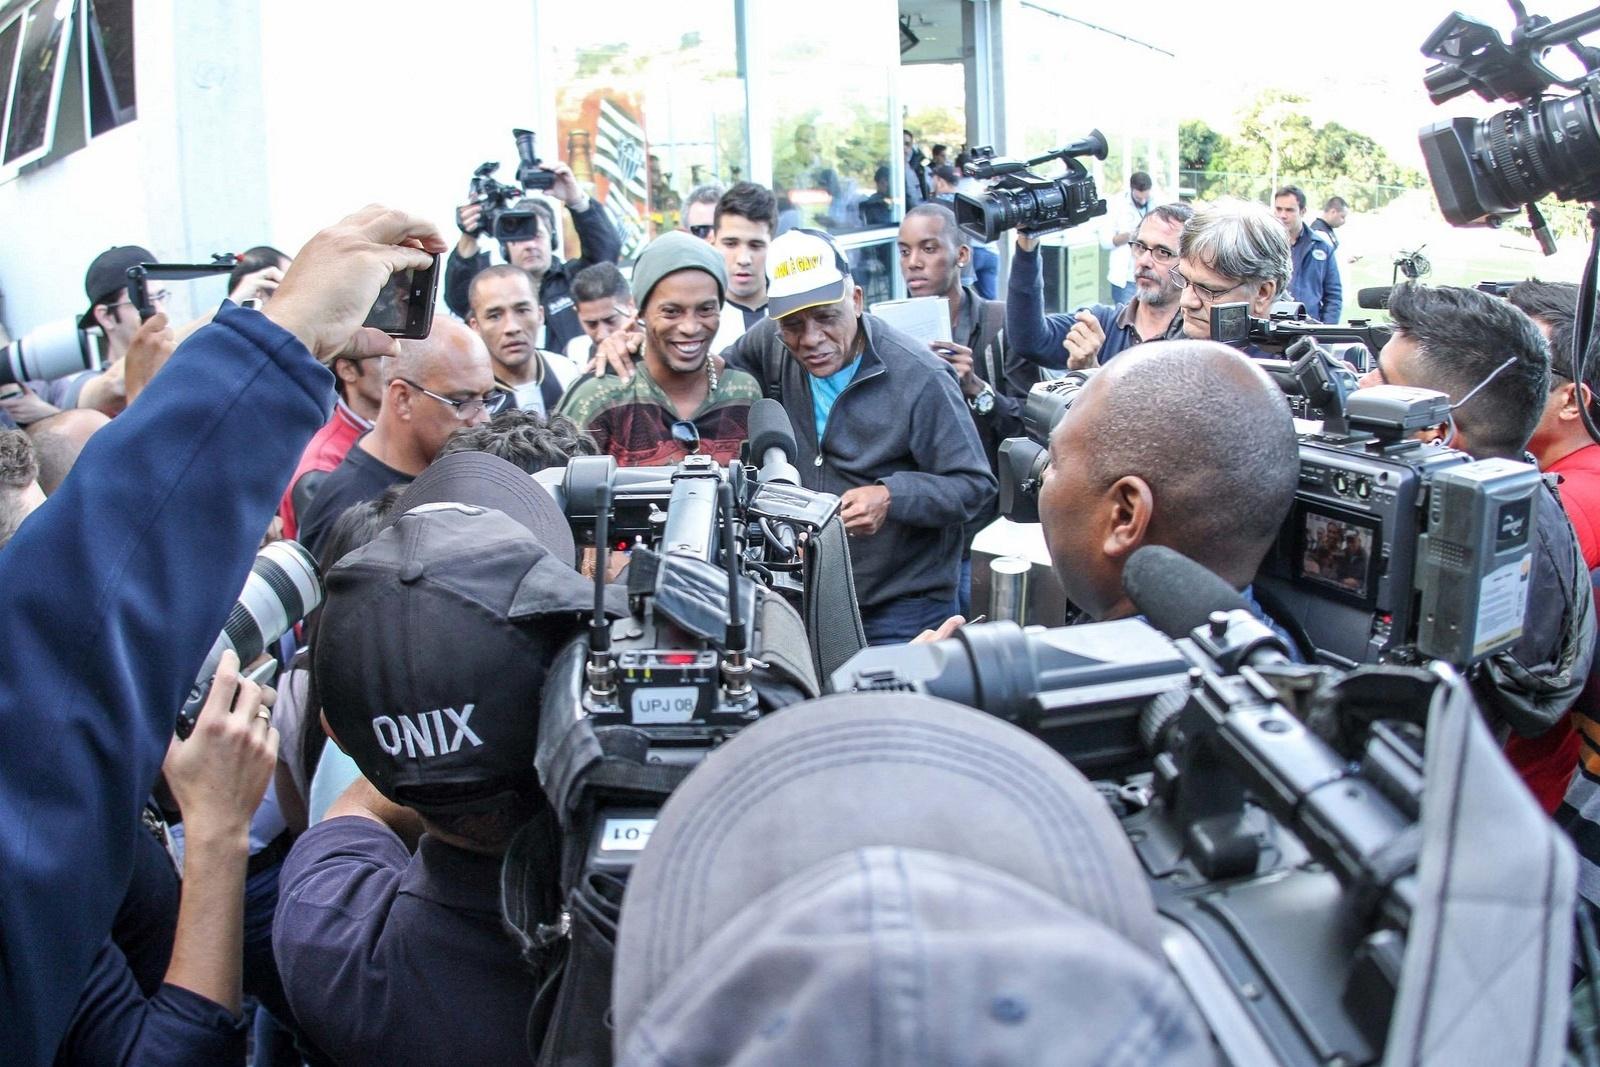 30 jul 2014 - Encontro de Ronaldinho Gaúcho e Dario o Peito de Aço, na Cidade do Galo, é documentado pela imprensa esportiva